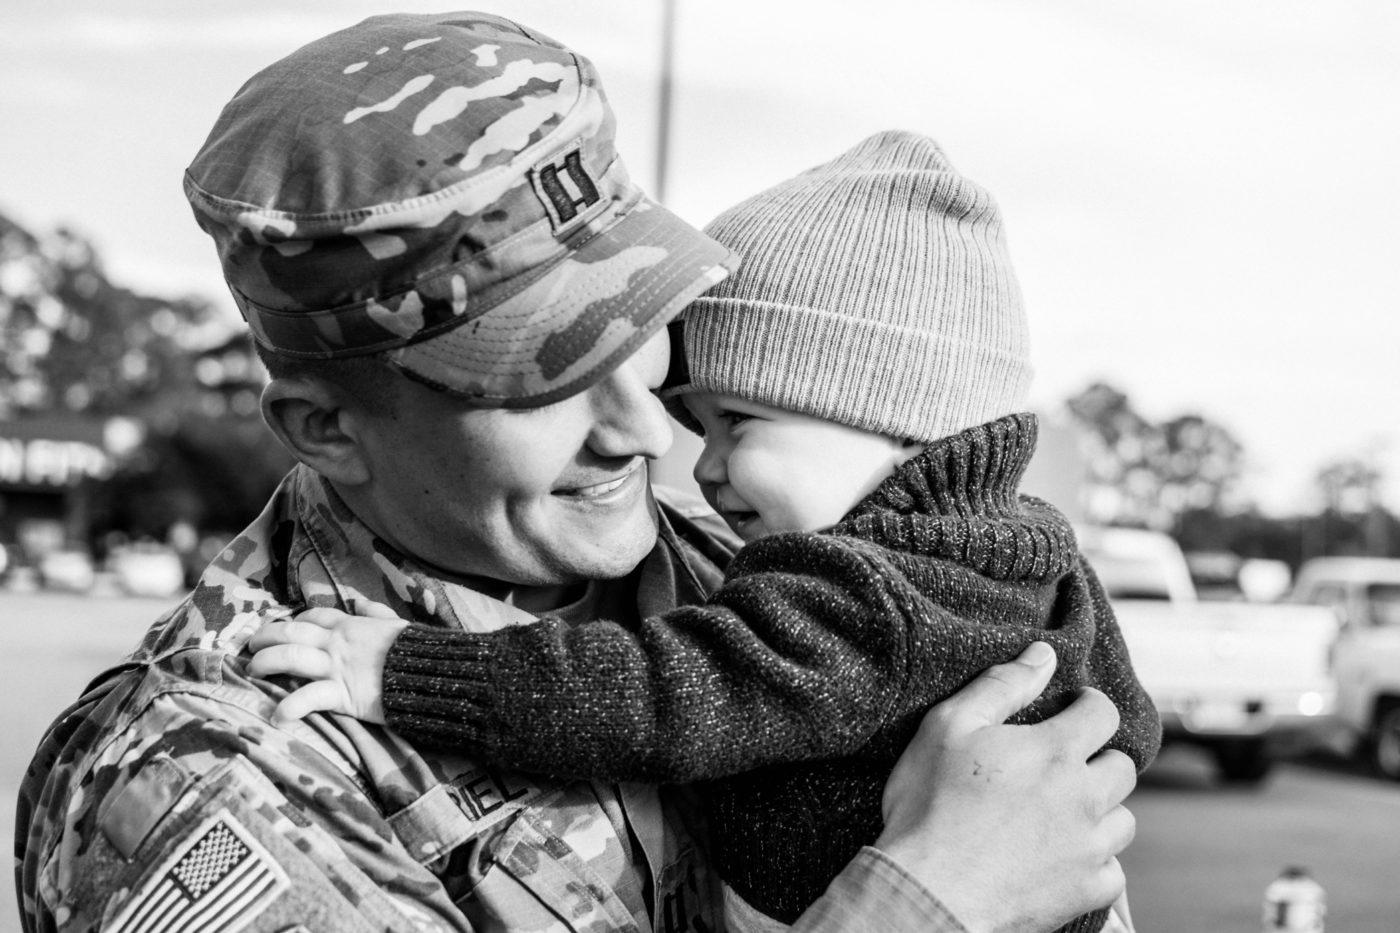 courageous fatherhood